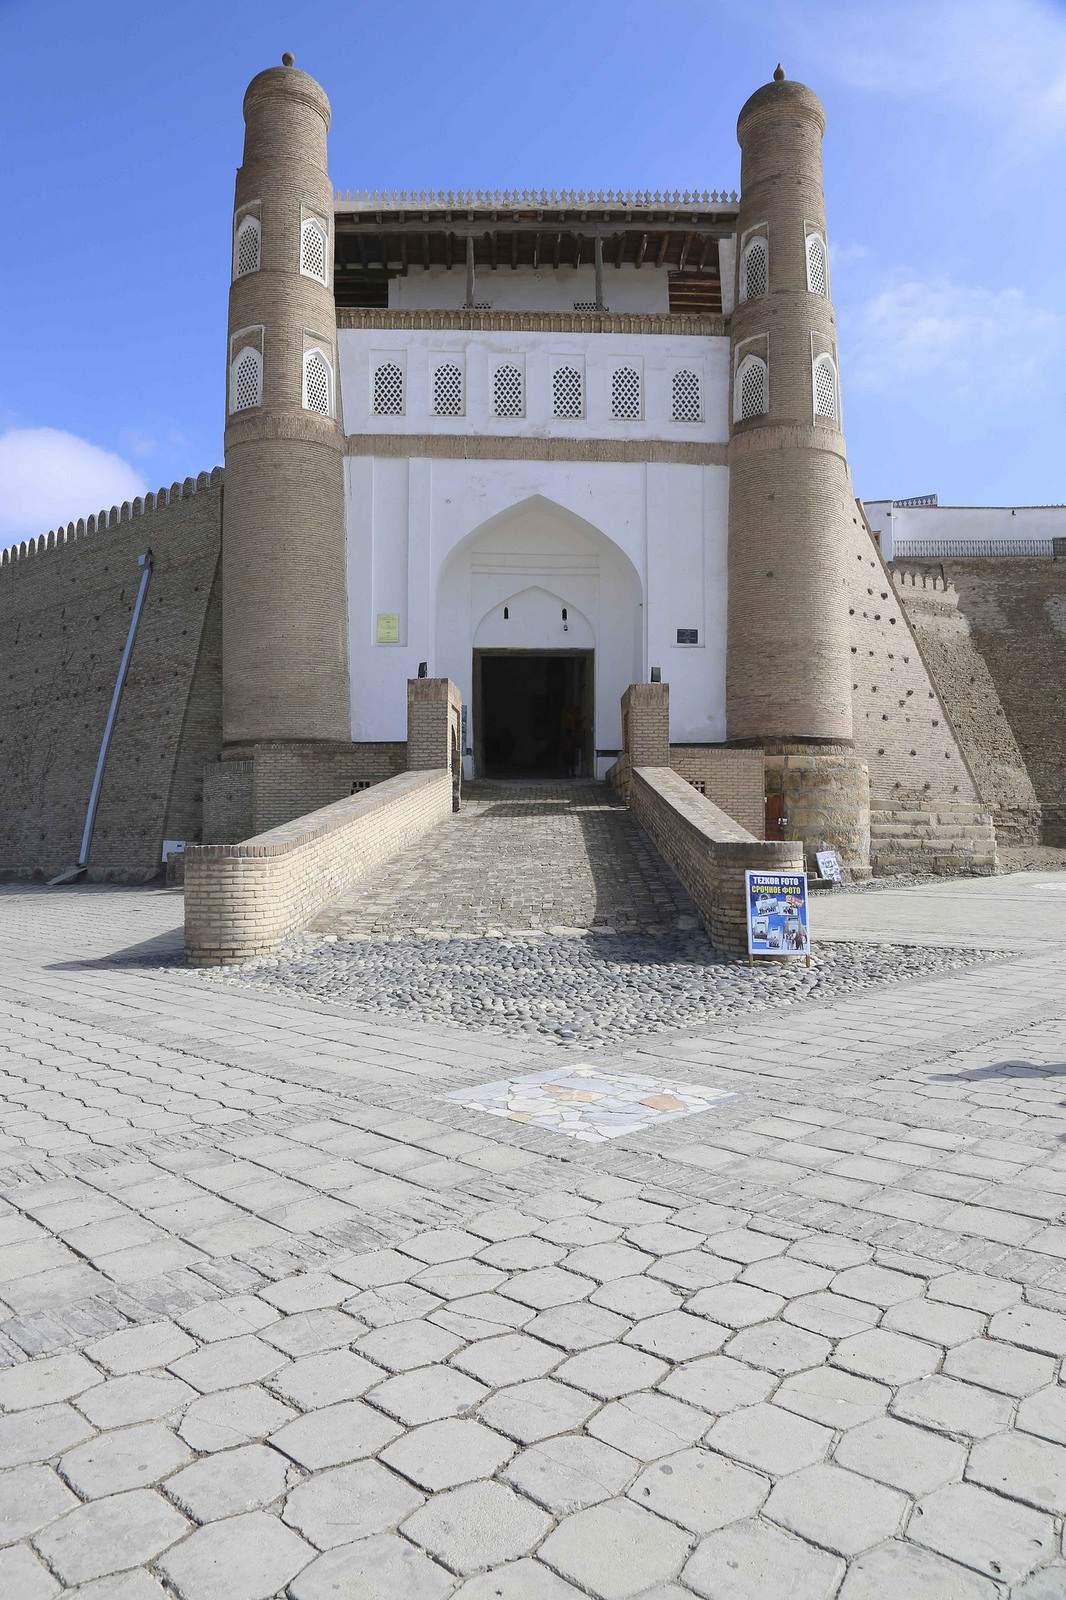 uzbekistan11 Uzbekistan   Travel to Central Asia